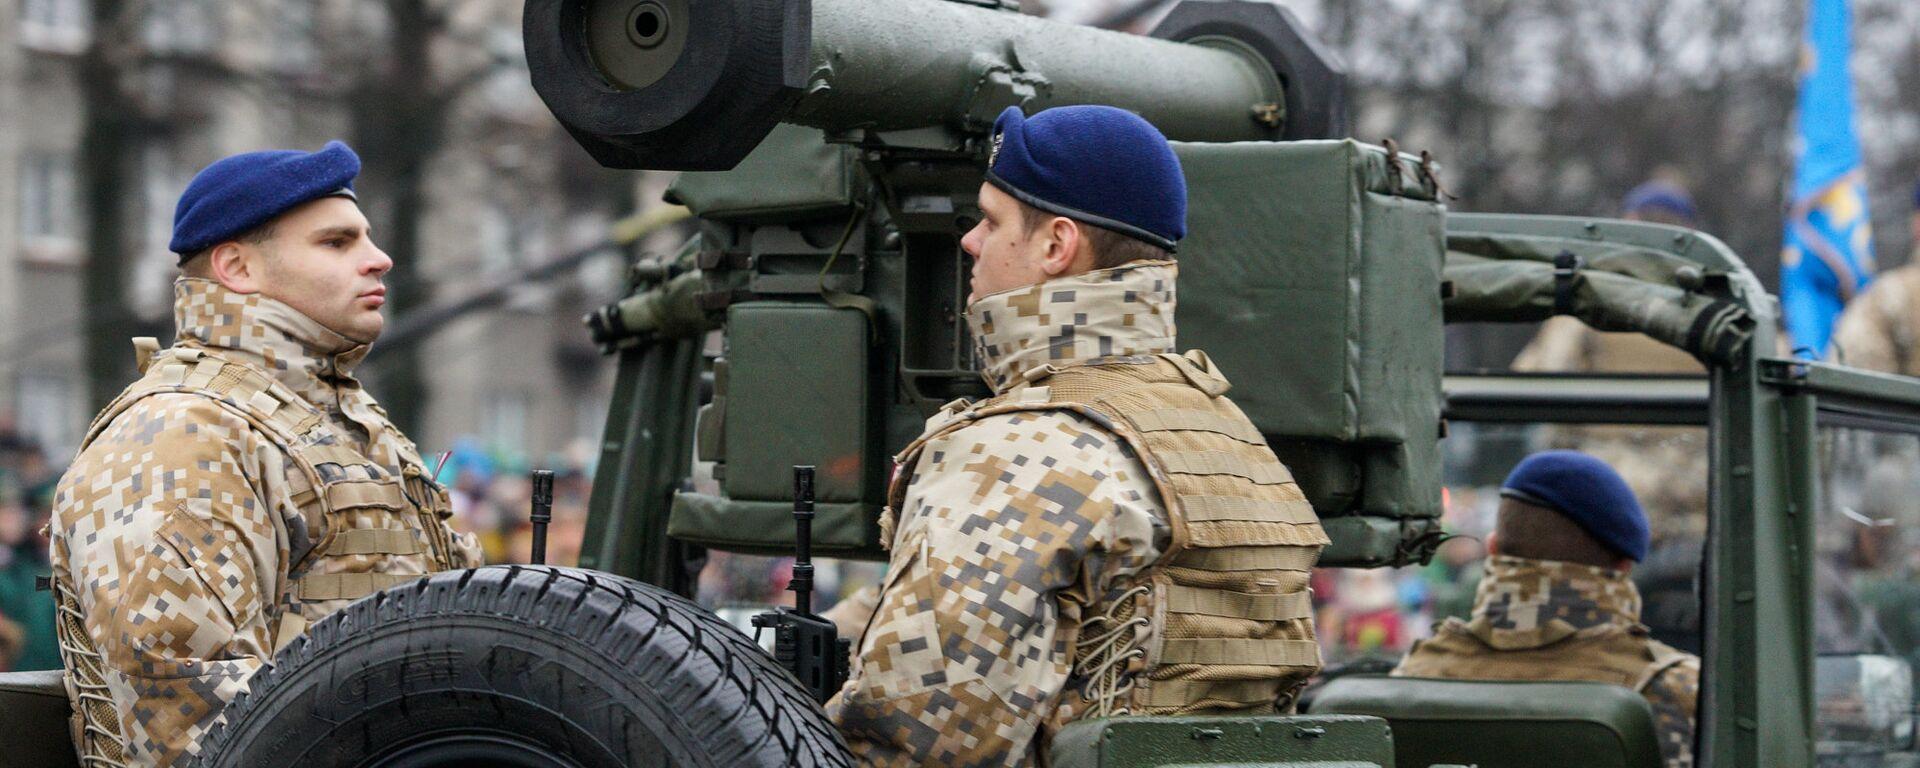 Военный парад посвящённый 98-й годовщины провозглашения Латвийской Республики - Sputnik Латвия, 1920, 22.01.2021